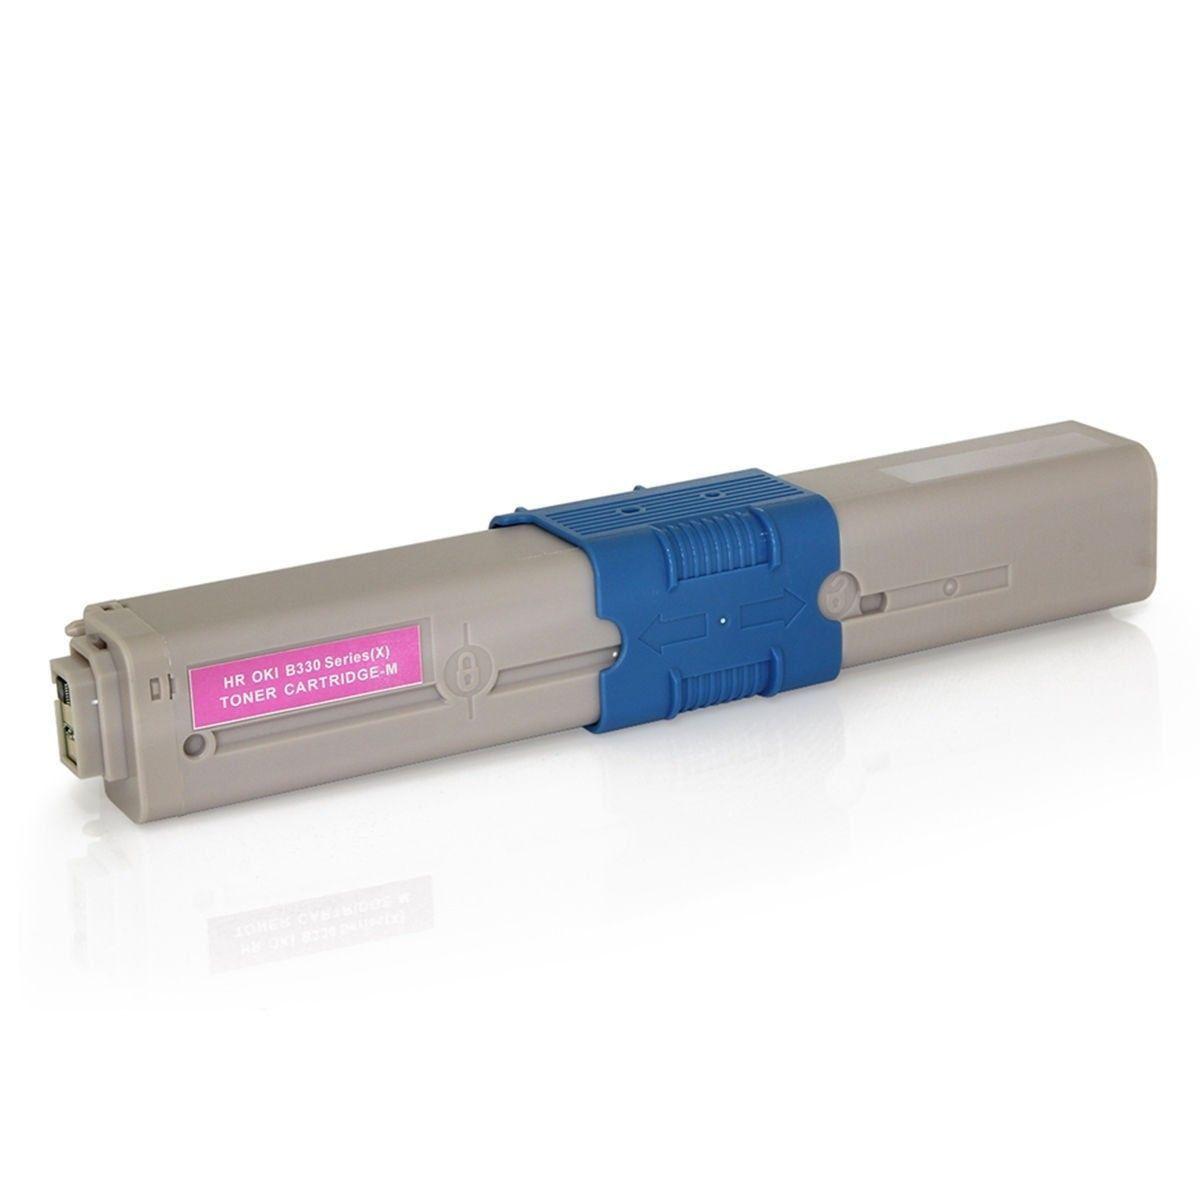 Compatível: Toner C330 C530 para Okidata MC561 MC361 C530dn C330dn MC351 C310n C310dn C531dn MC562w / Magenta / 3.000